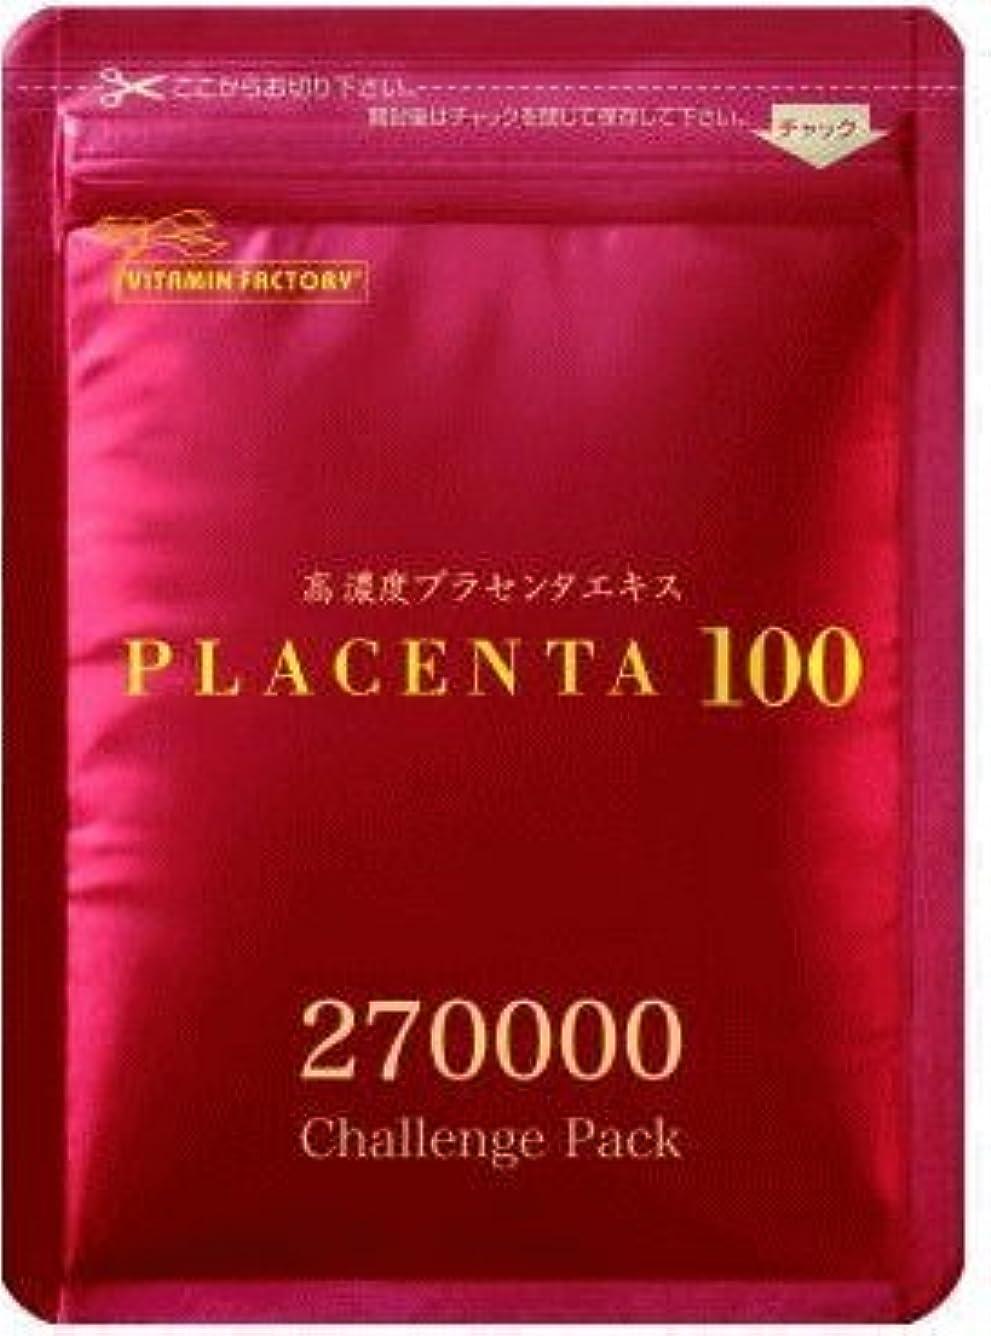 スパイラル好色な心のこもったプラセンタ100 30粒 R&Y  270000チャレンジパック